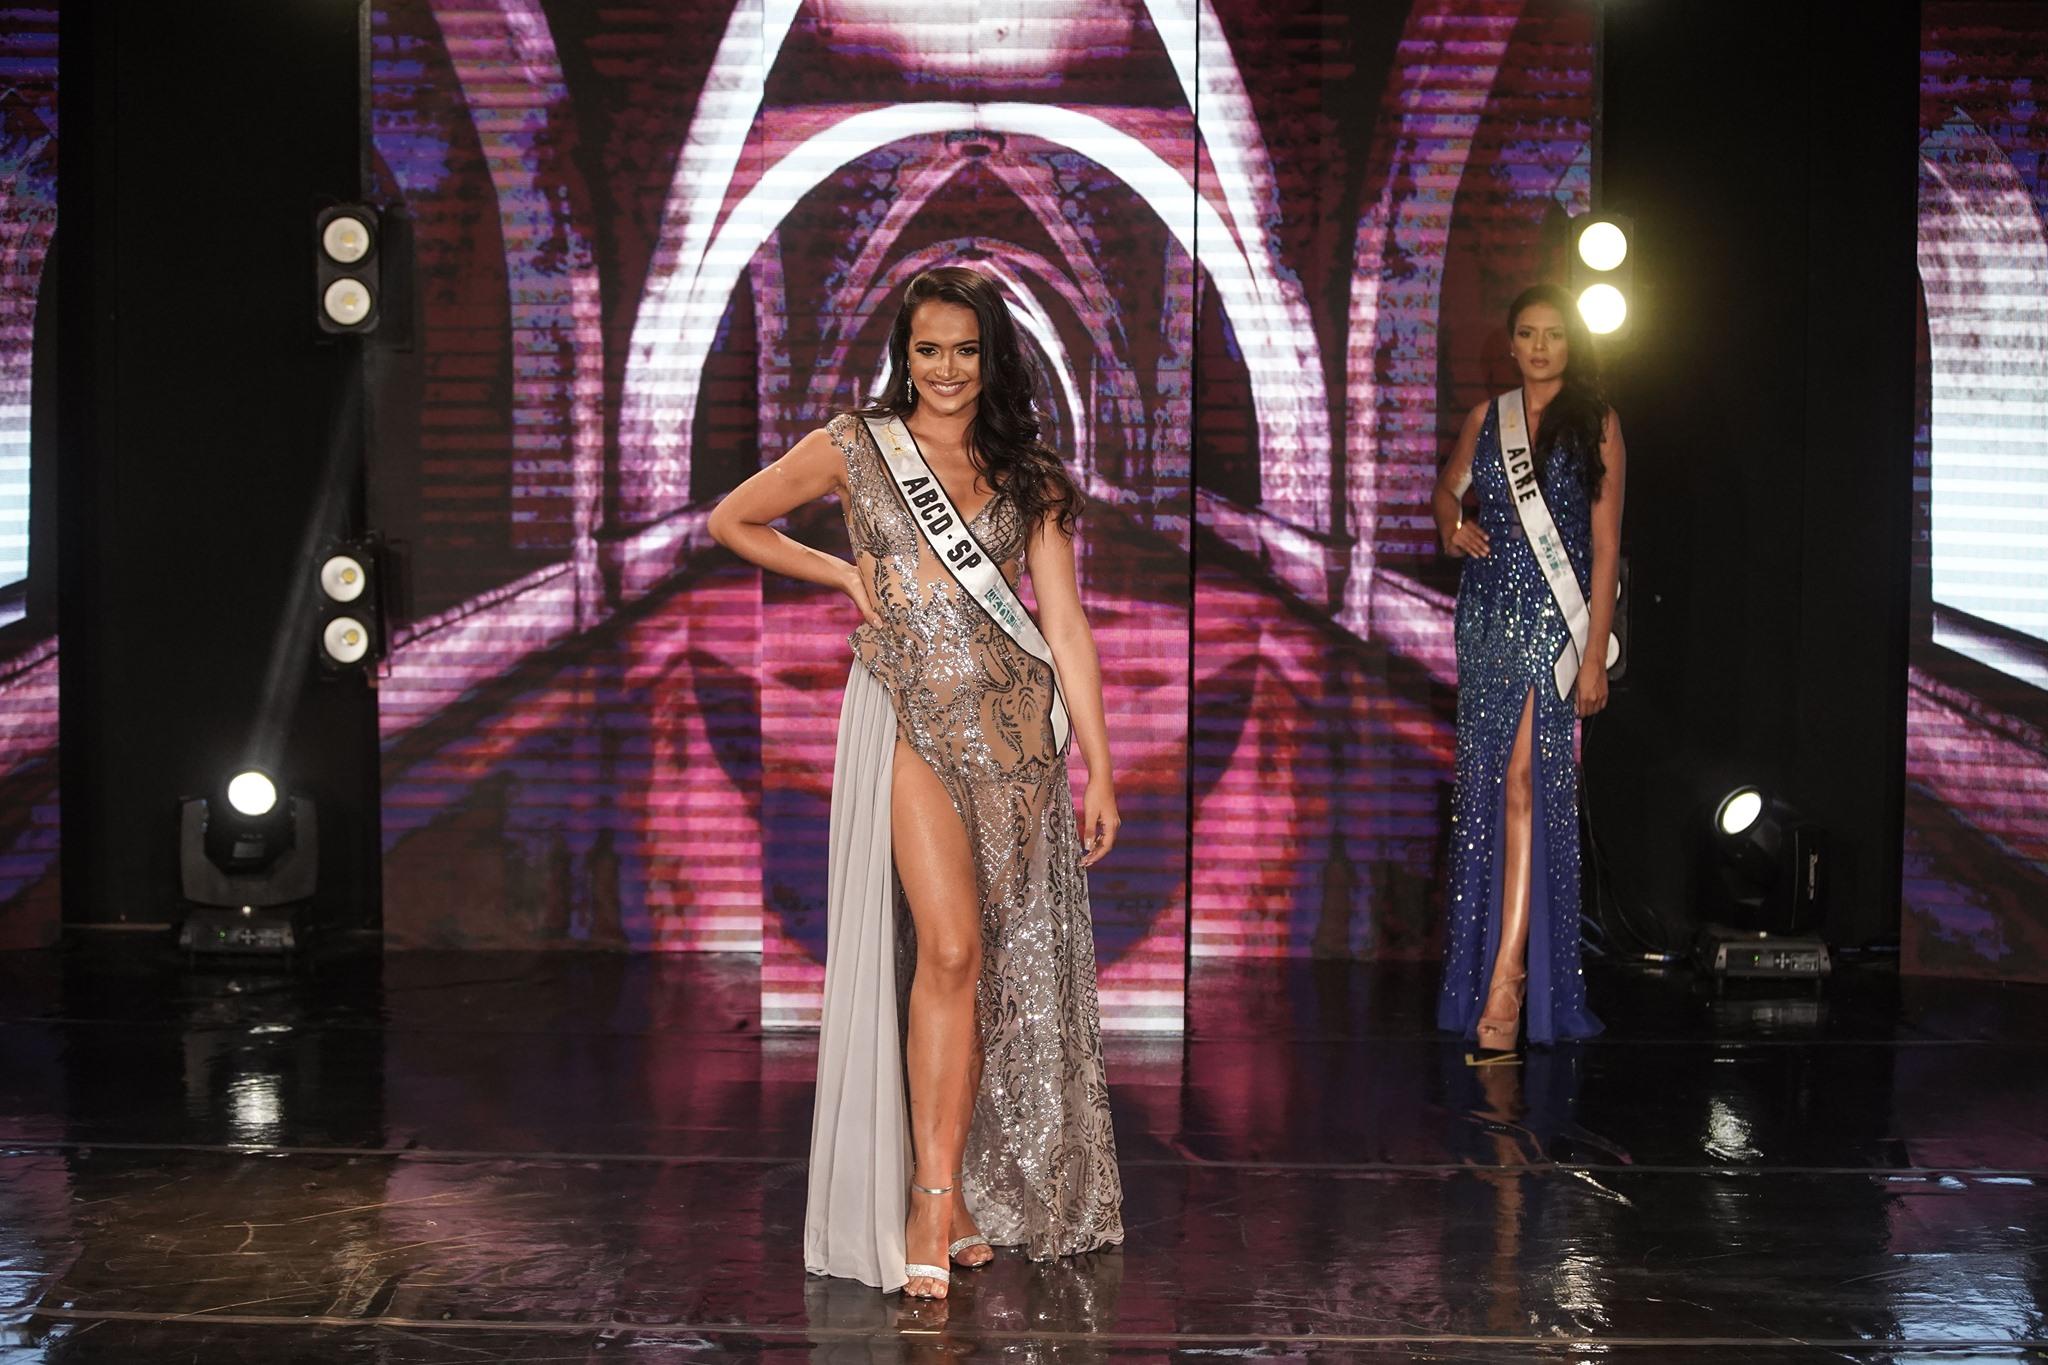 flavia polido, miss supranational abcd 2020/miss brasil intercontinental 2018-2019. - Página 9 12967410